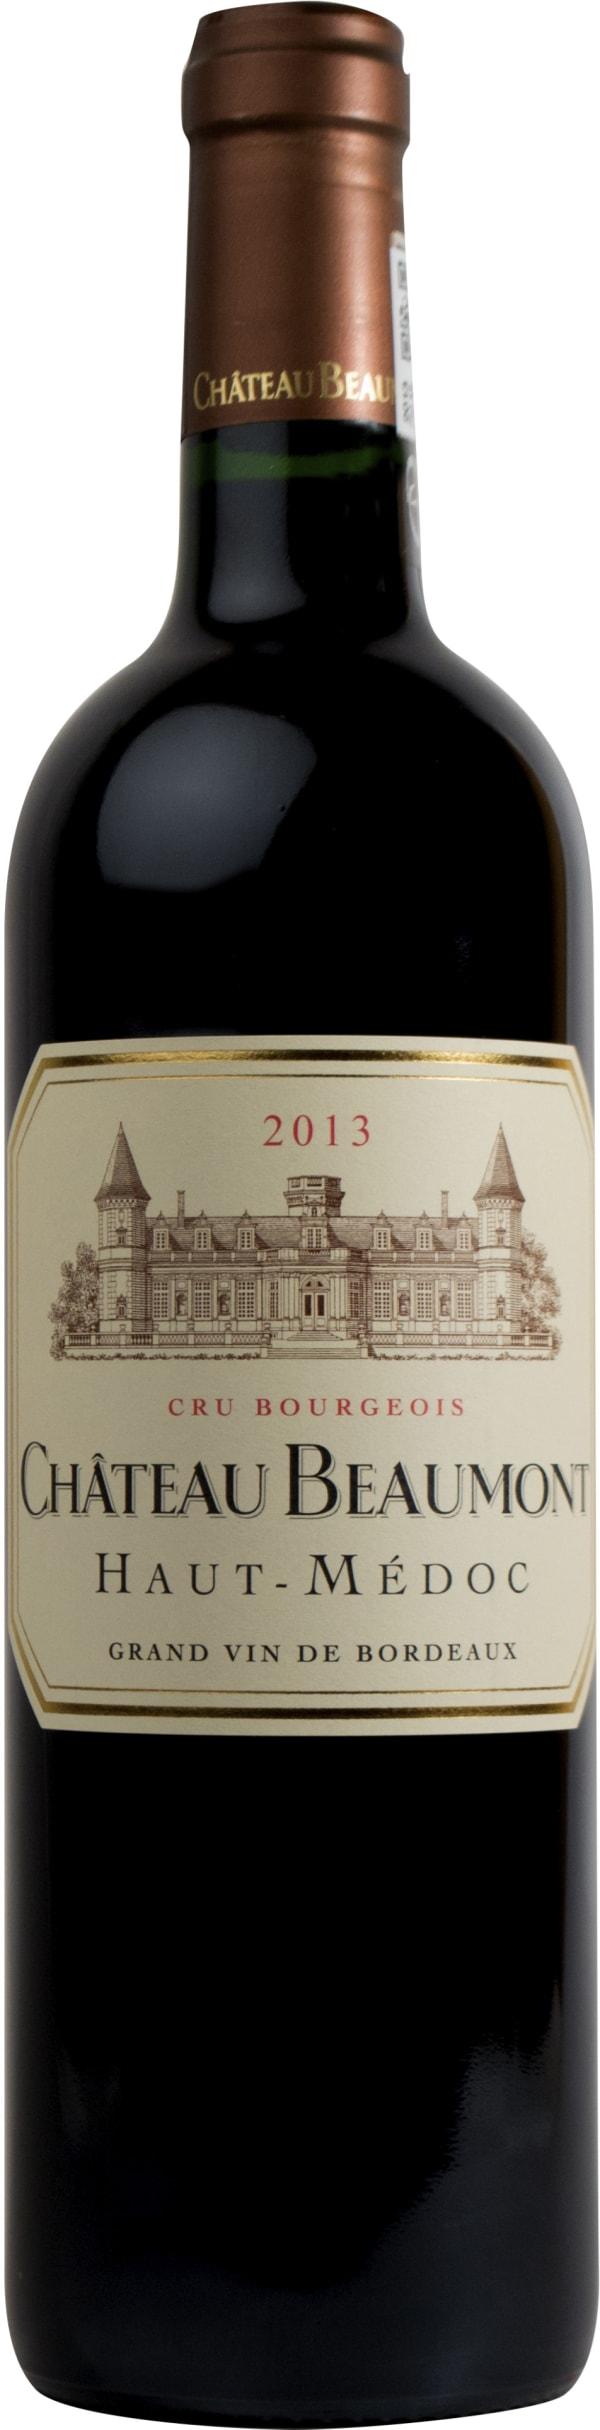 Château Beaumont 2013